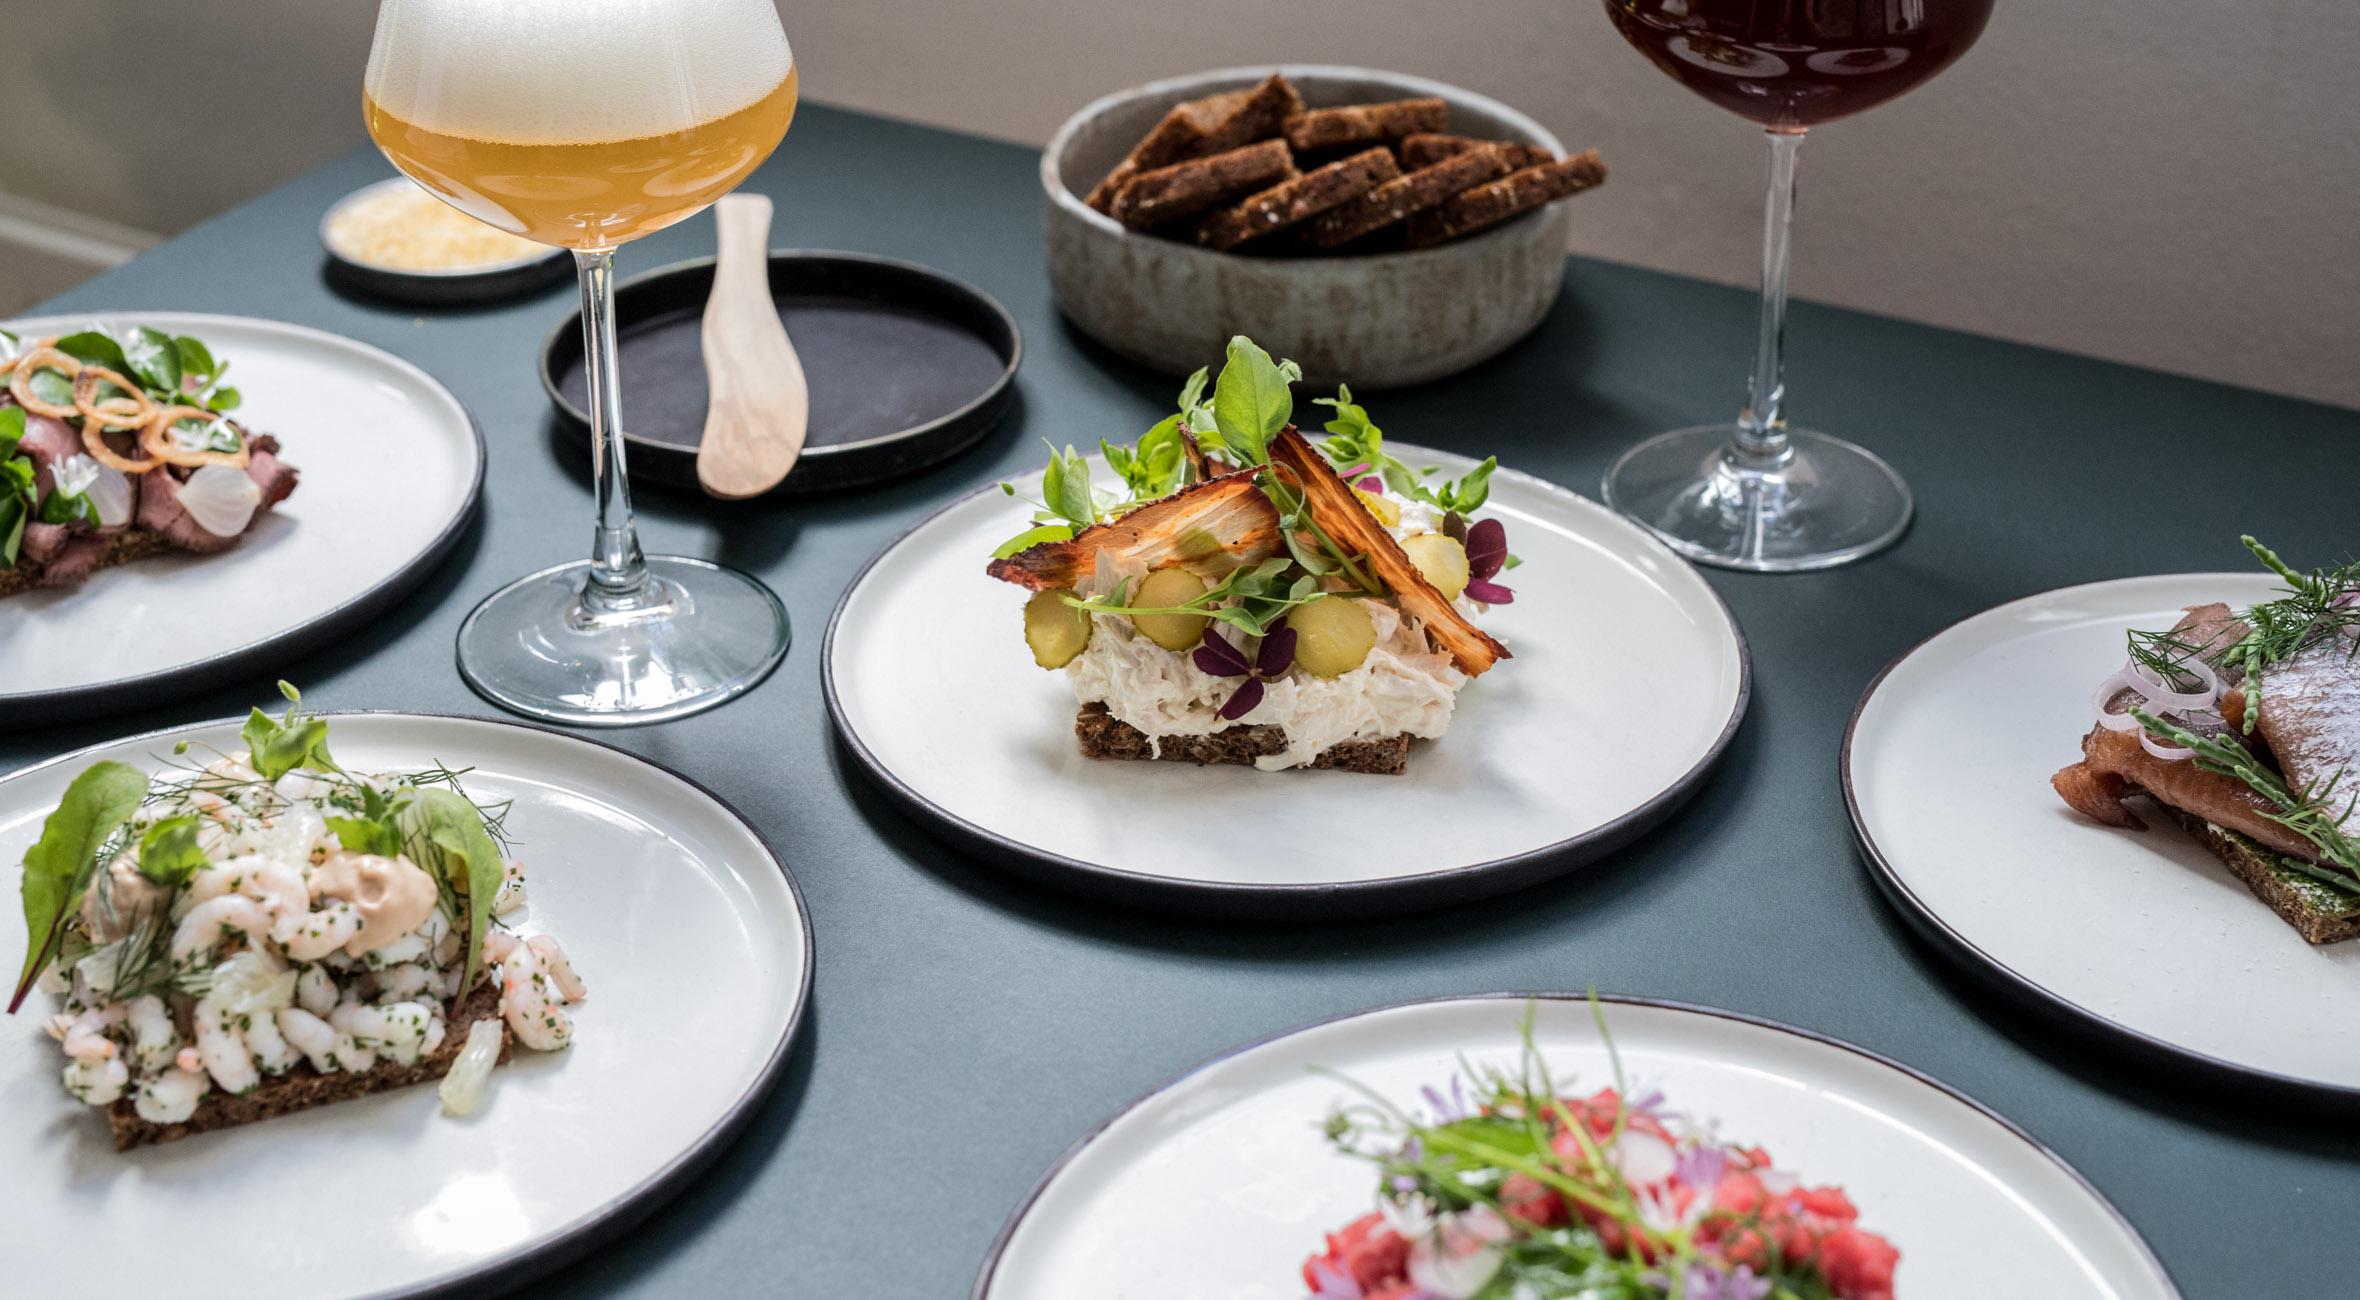 3 stk. smørrebrød hos Restaurant Meille – Tidligere Michelin-kok byder på overdådigt smørrebrød i hjertet af København